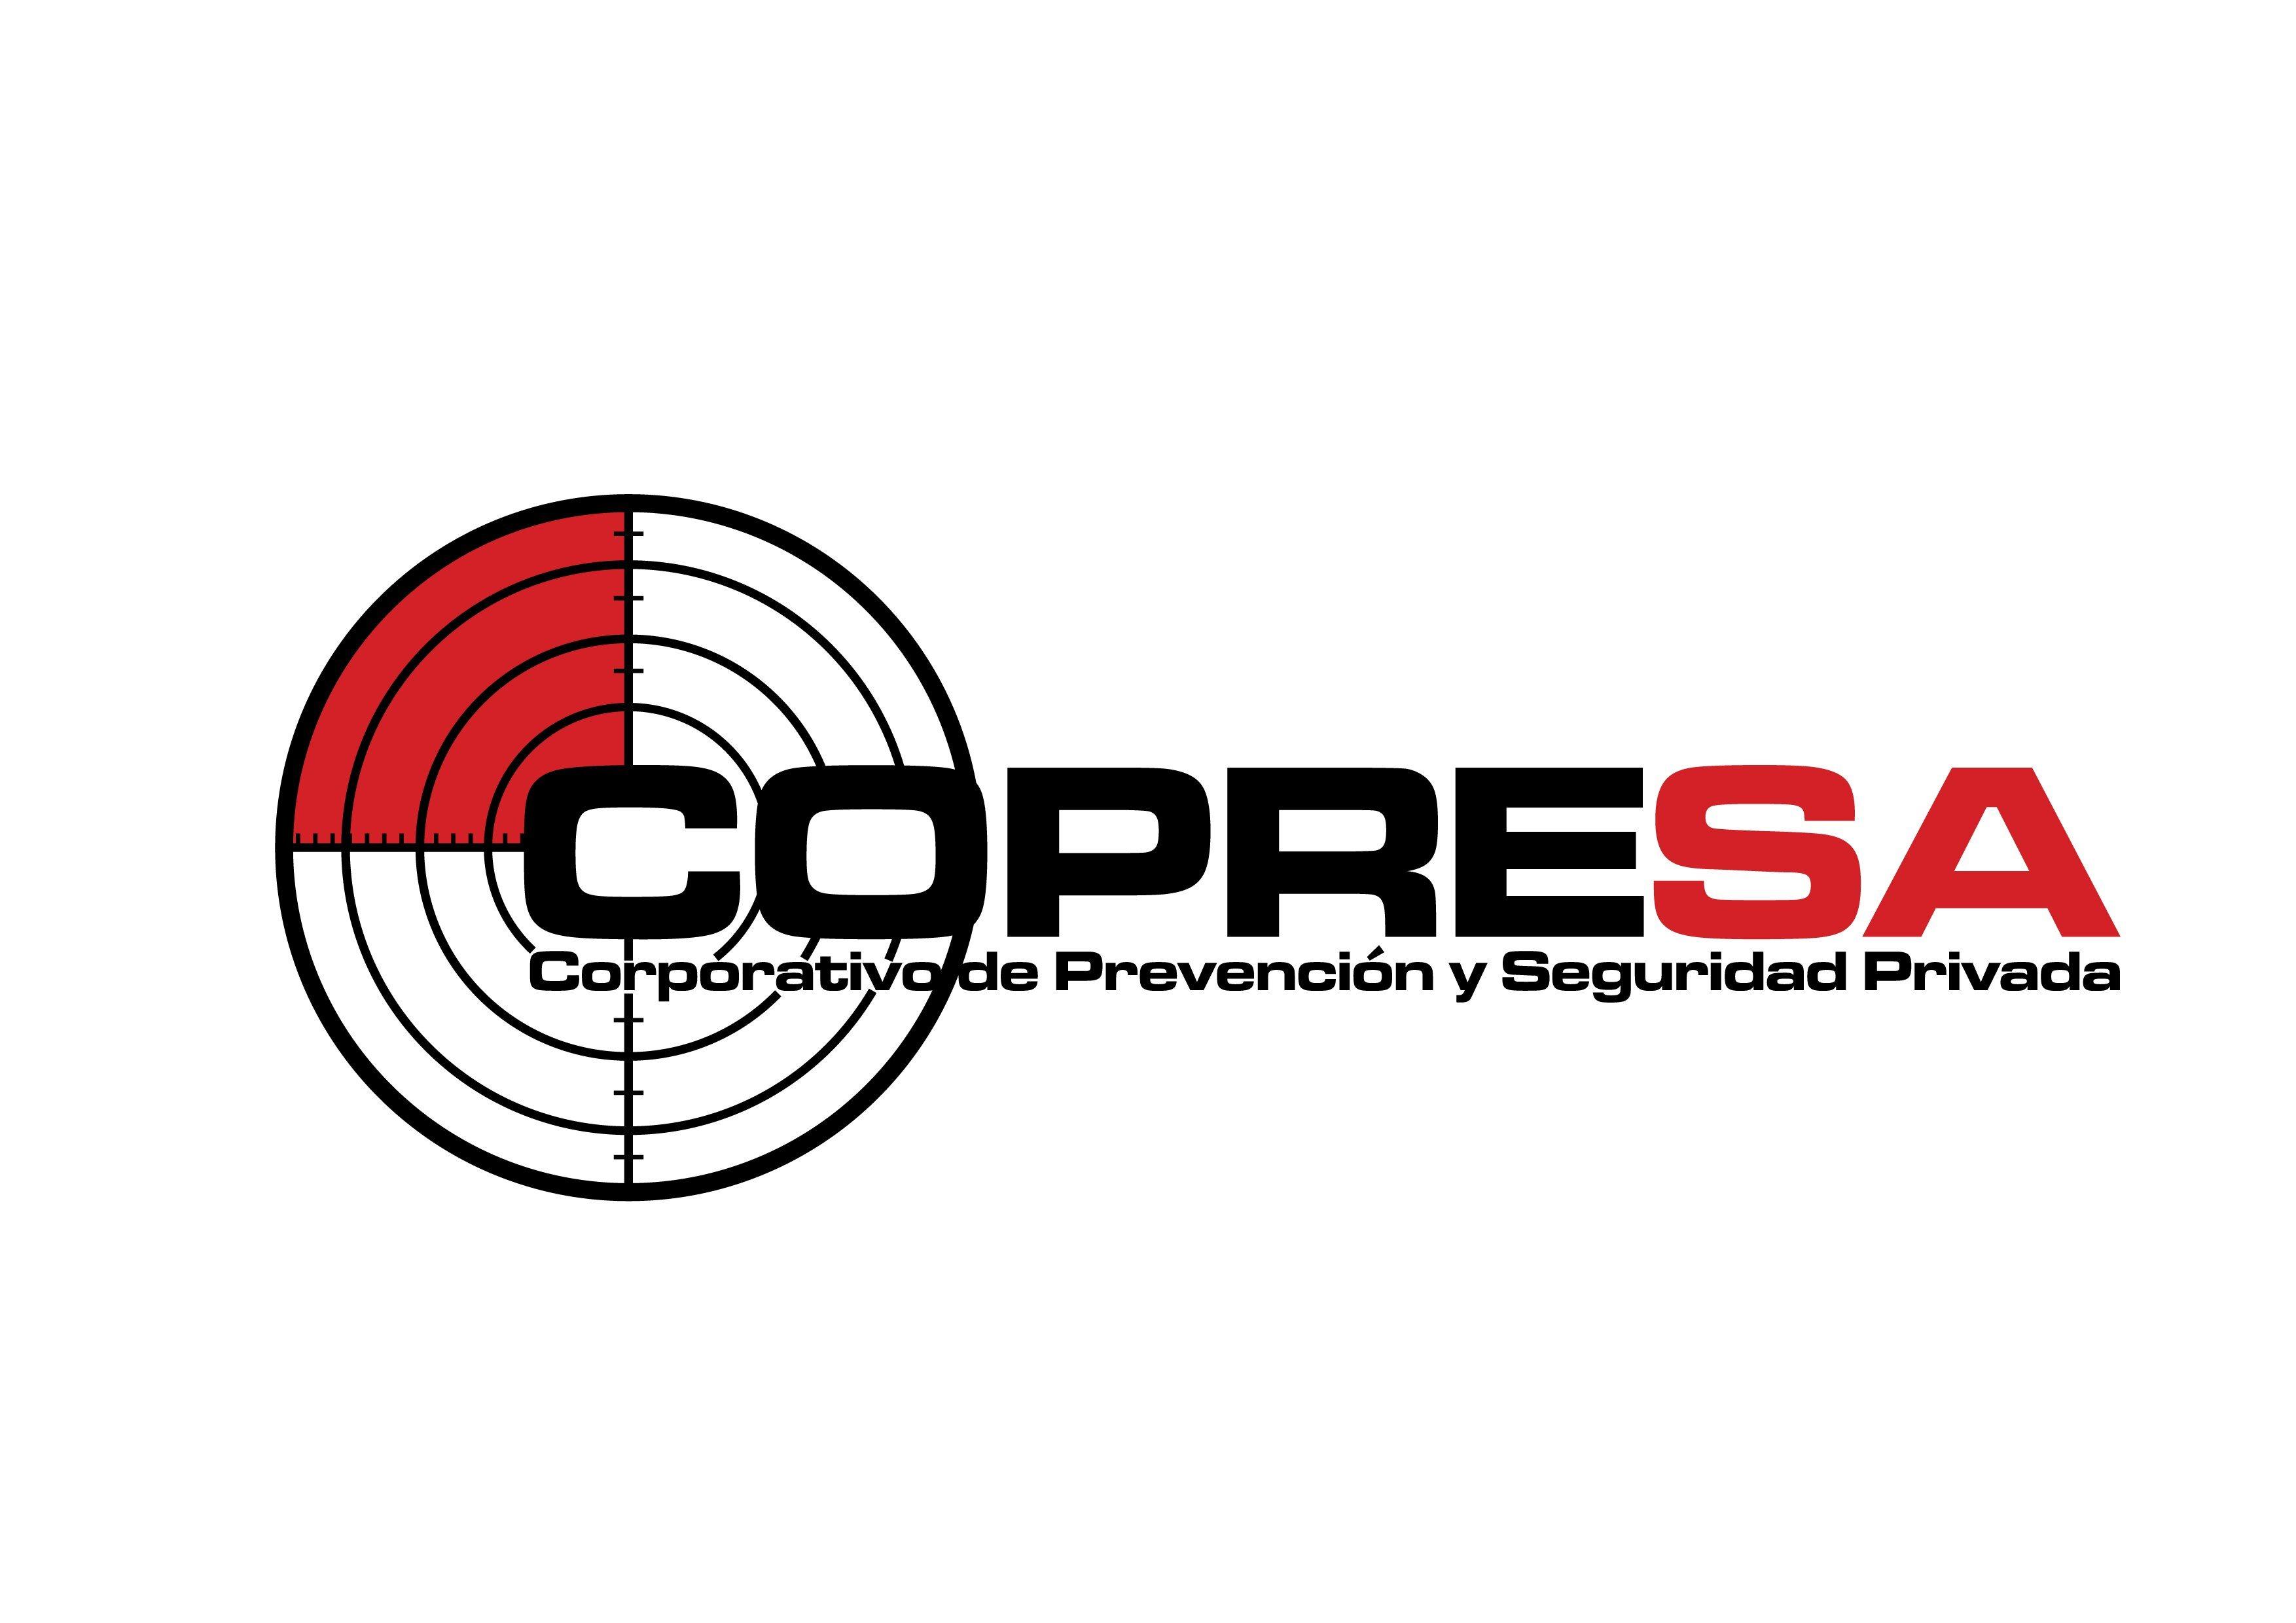 COPRESA